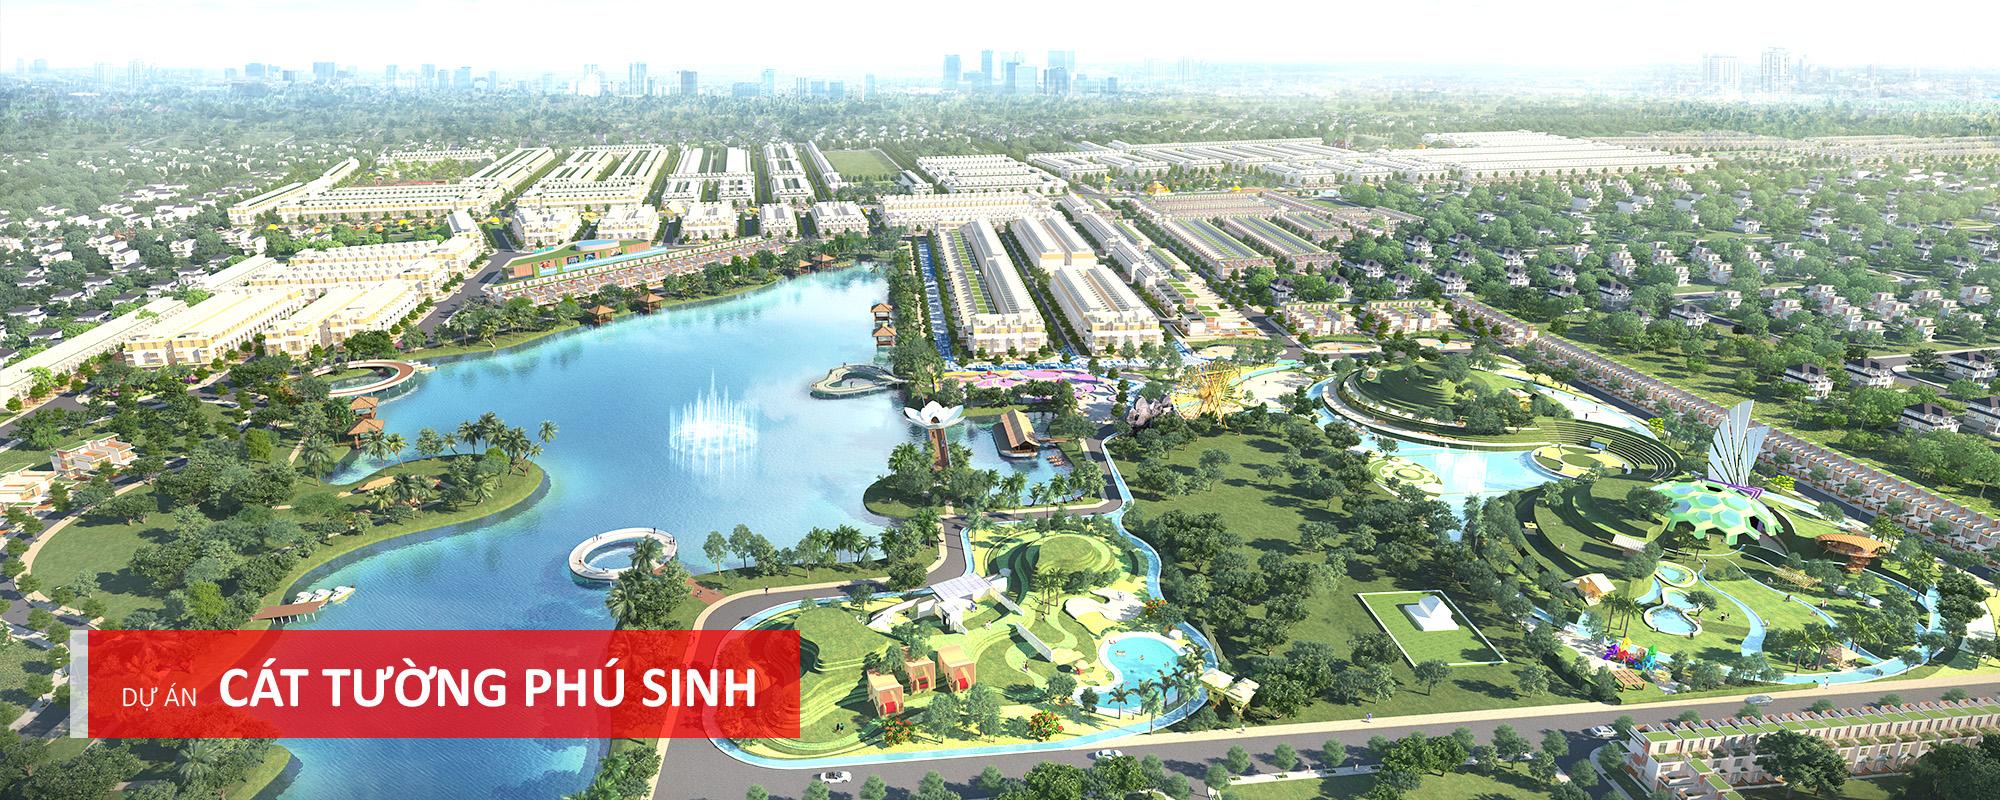 Dự án Cát Tường Phú Sinh